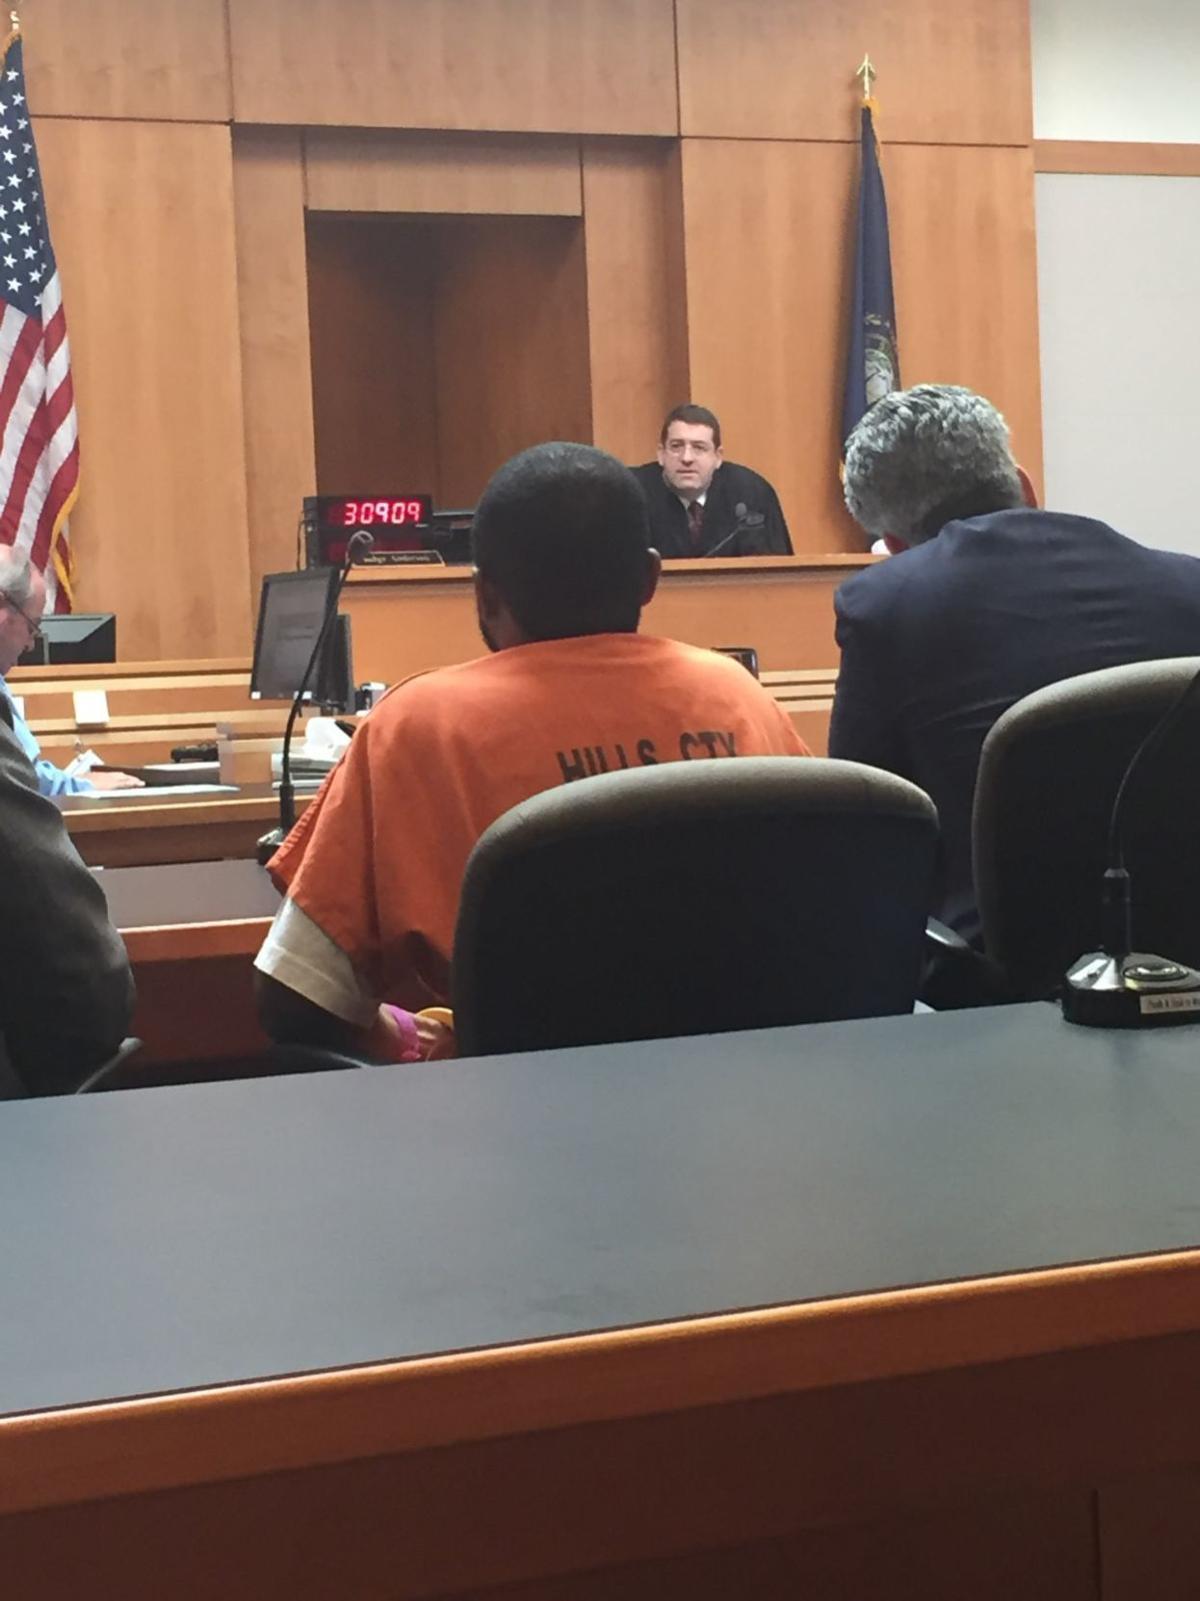 Judge sentences Brandon Griffin